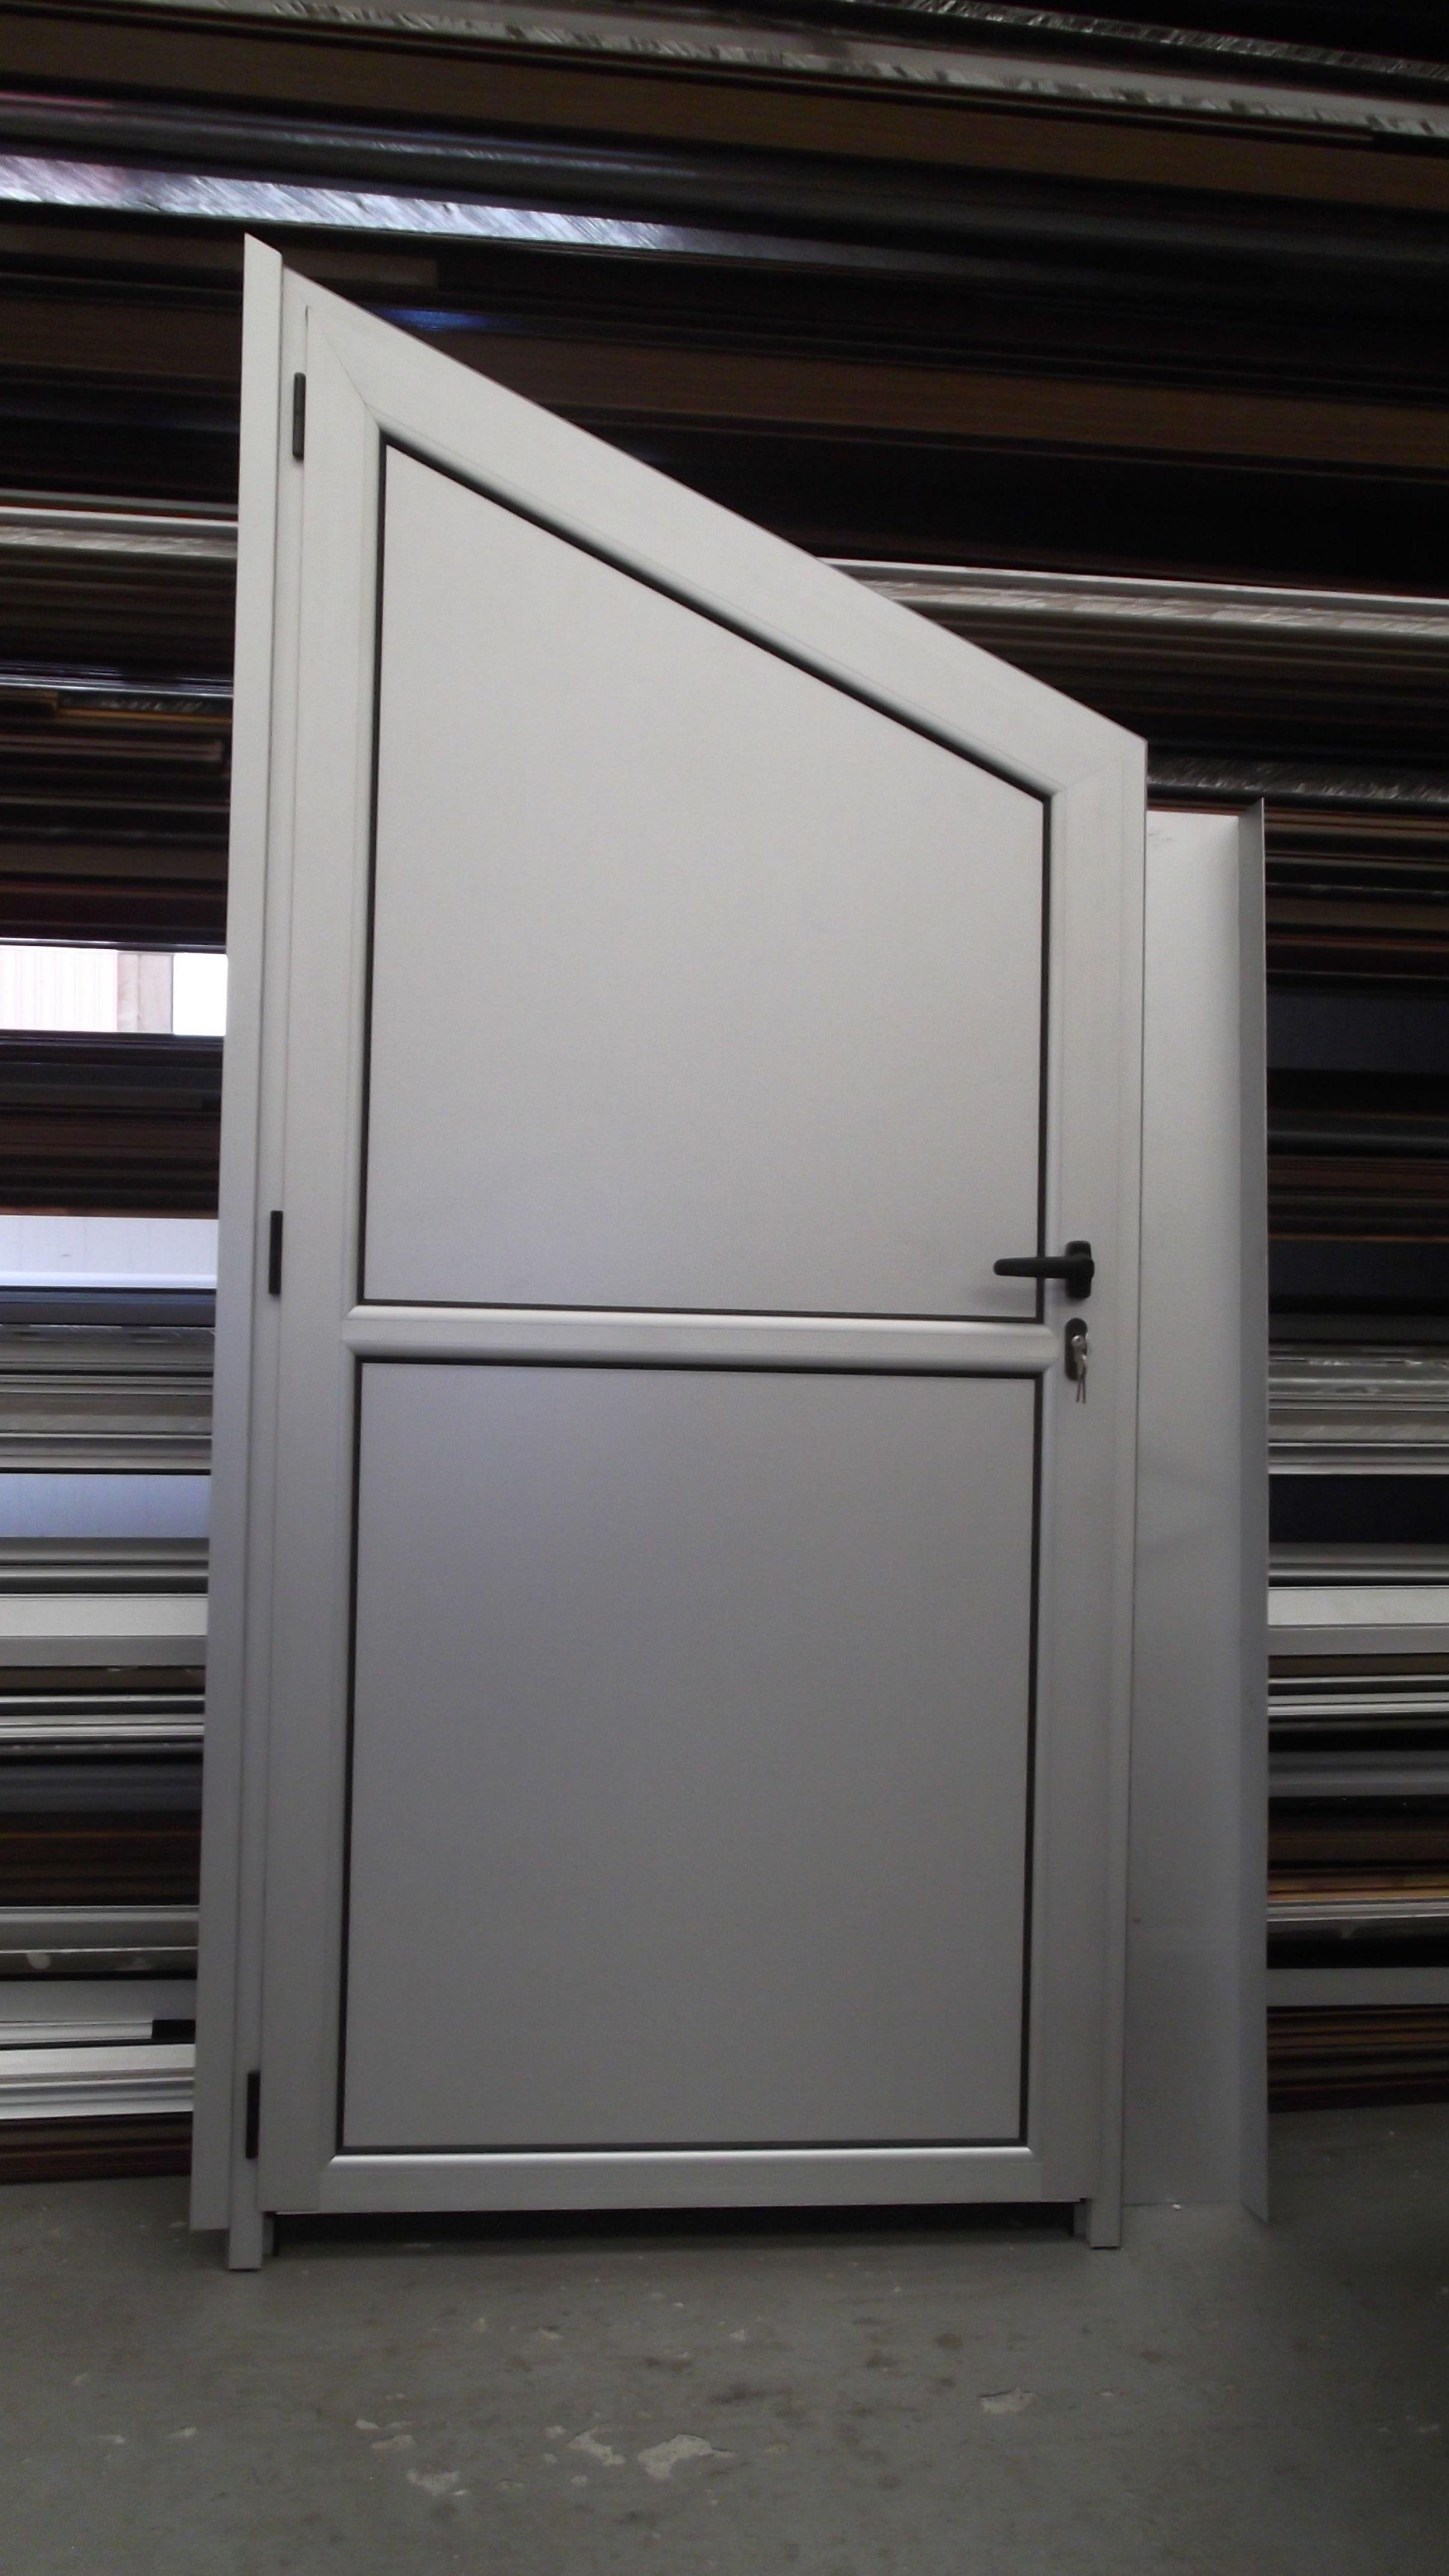 Carpinter a de aluminio y pvc nuestros servicios de for Carpinteria pvc precios